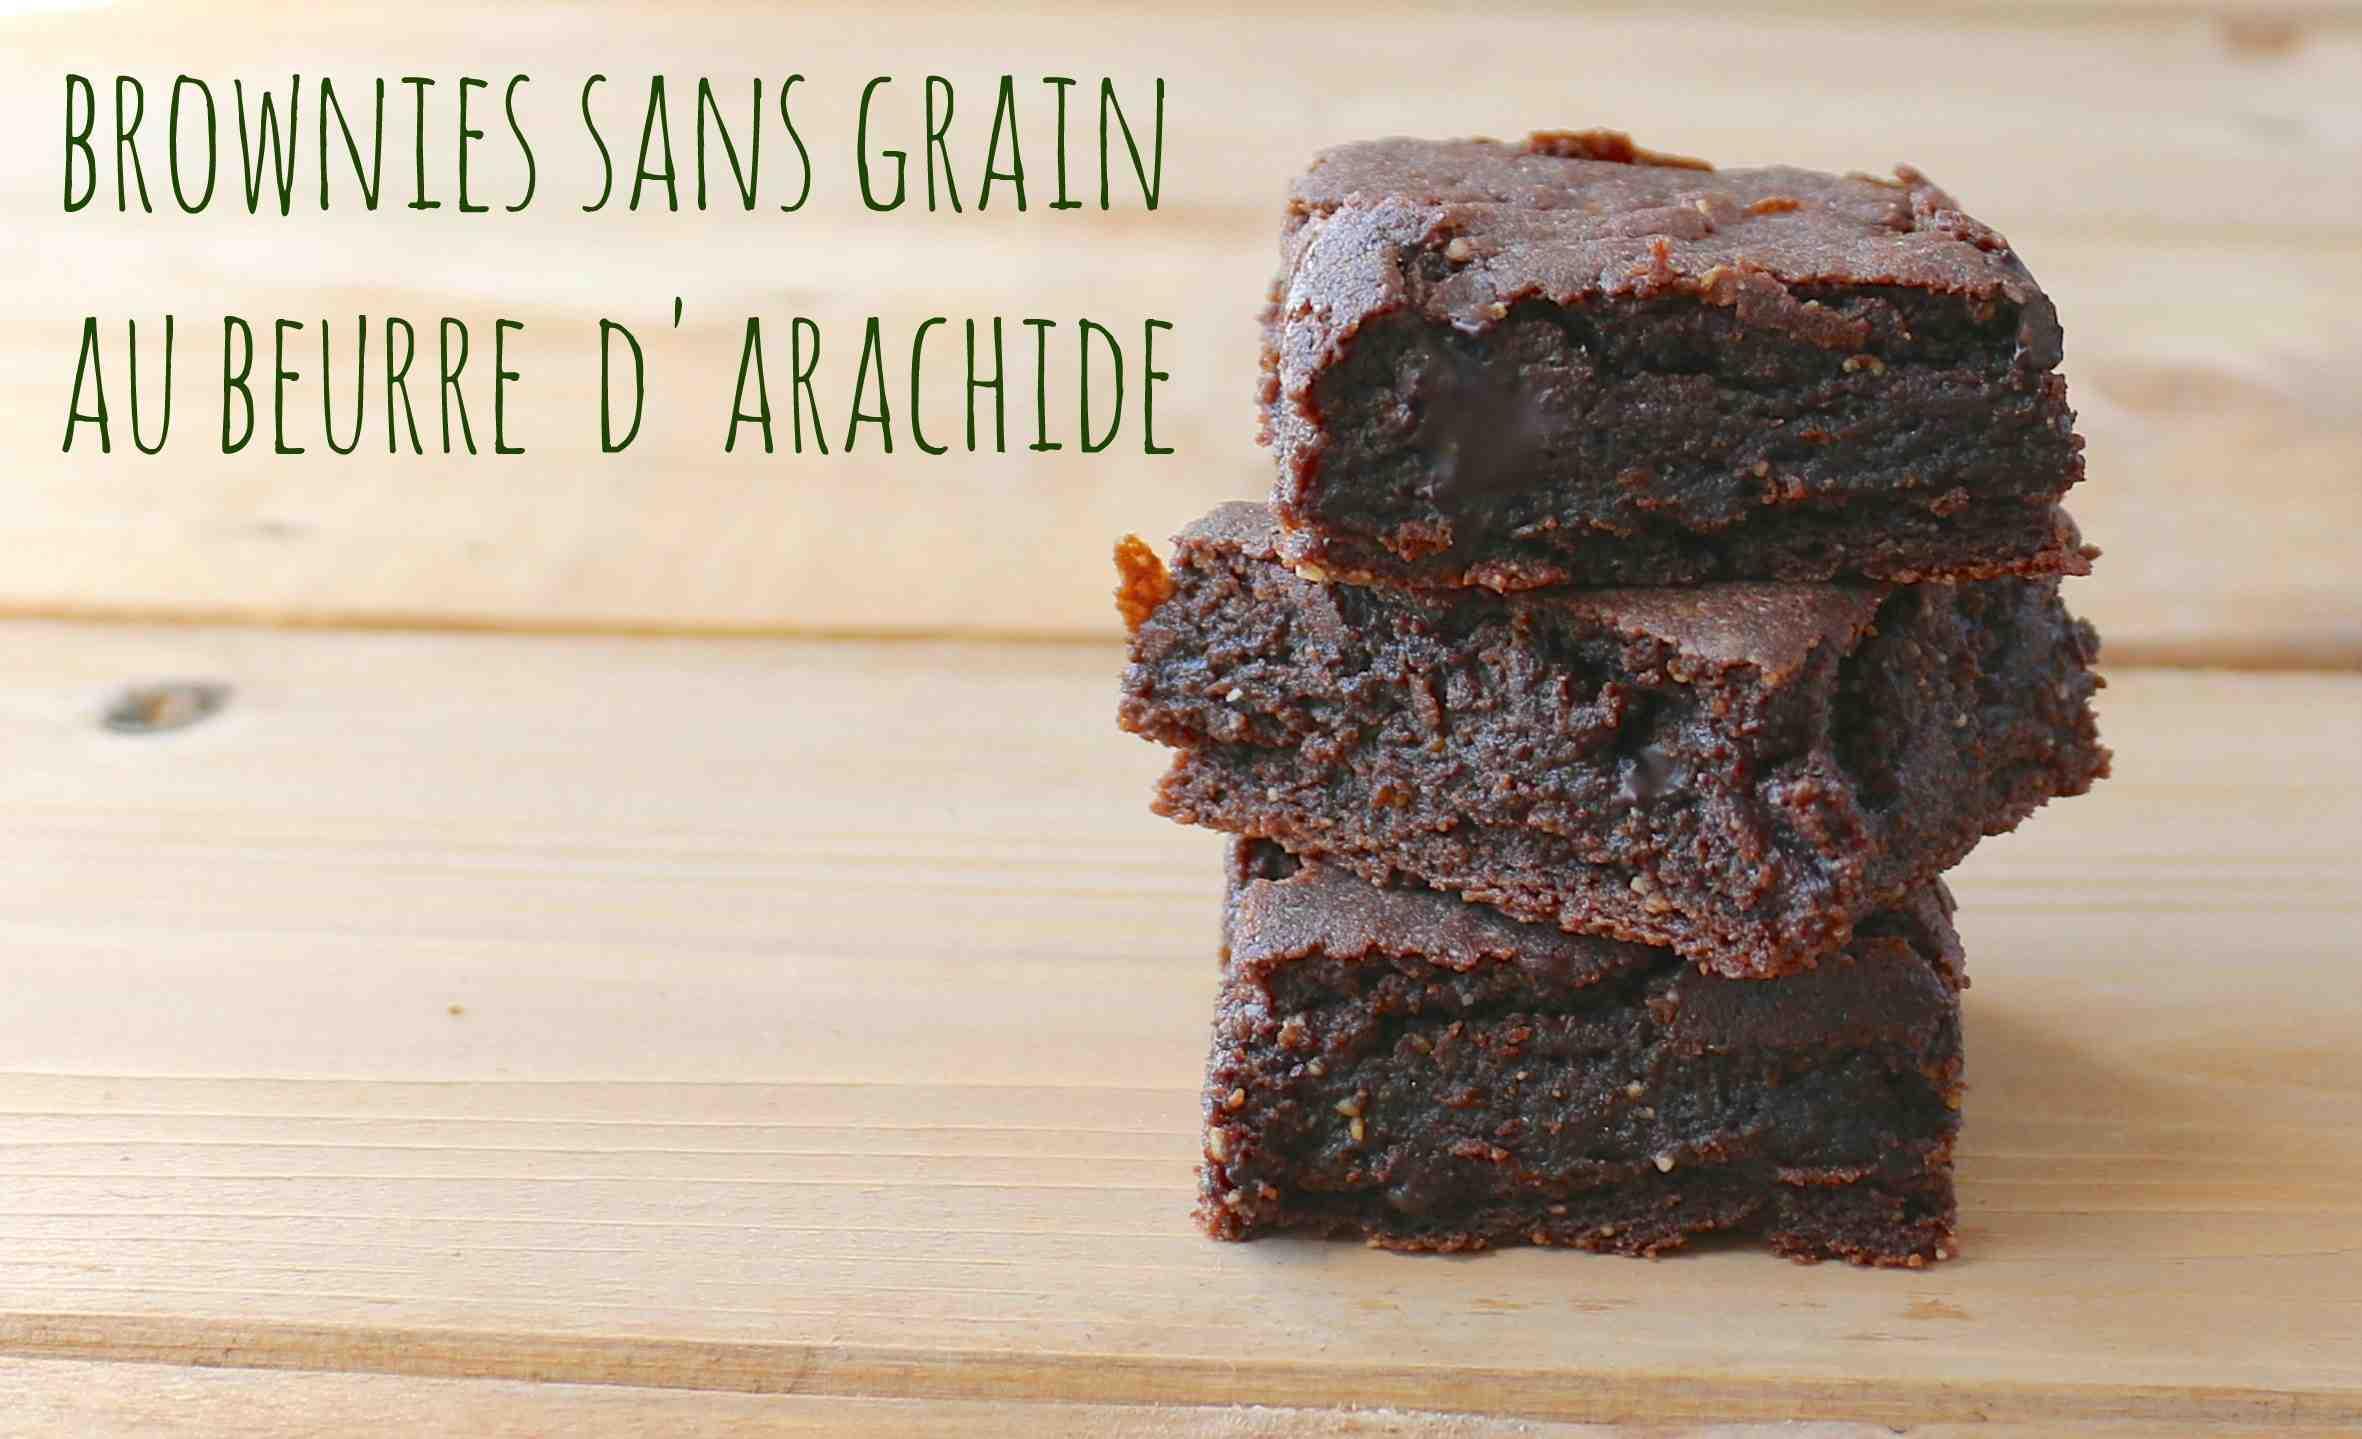 brownies sans grain au beurre d 39 arachide a dash of wholesome. Black Bedroom Furniture Sets. Home Design Ideas